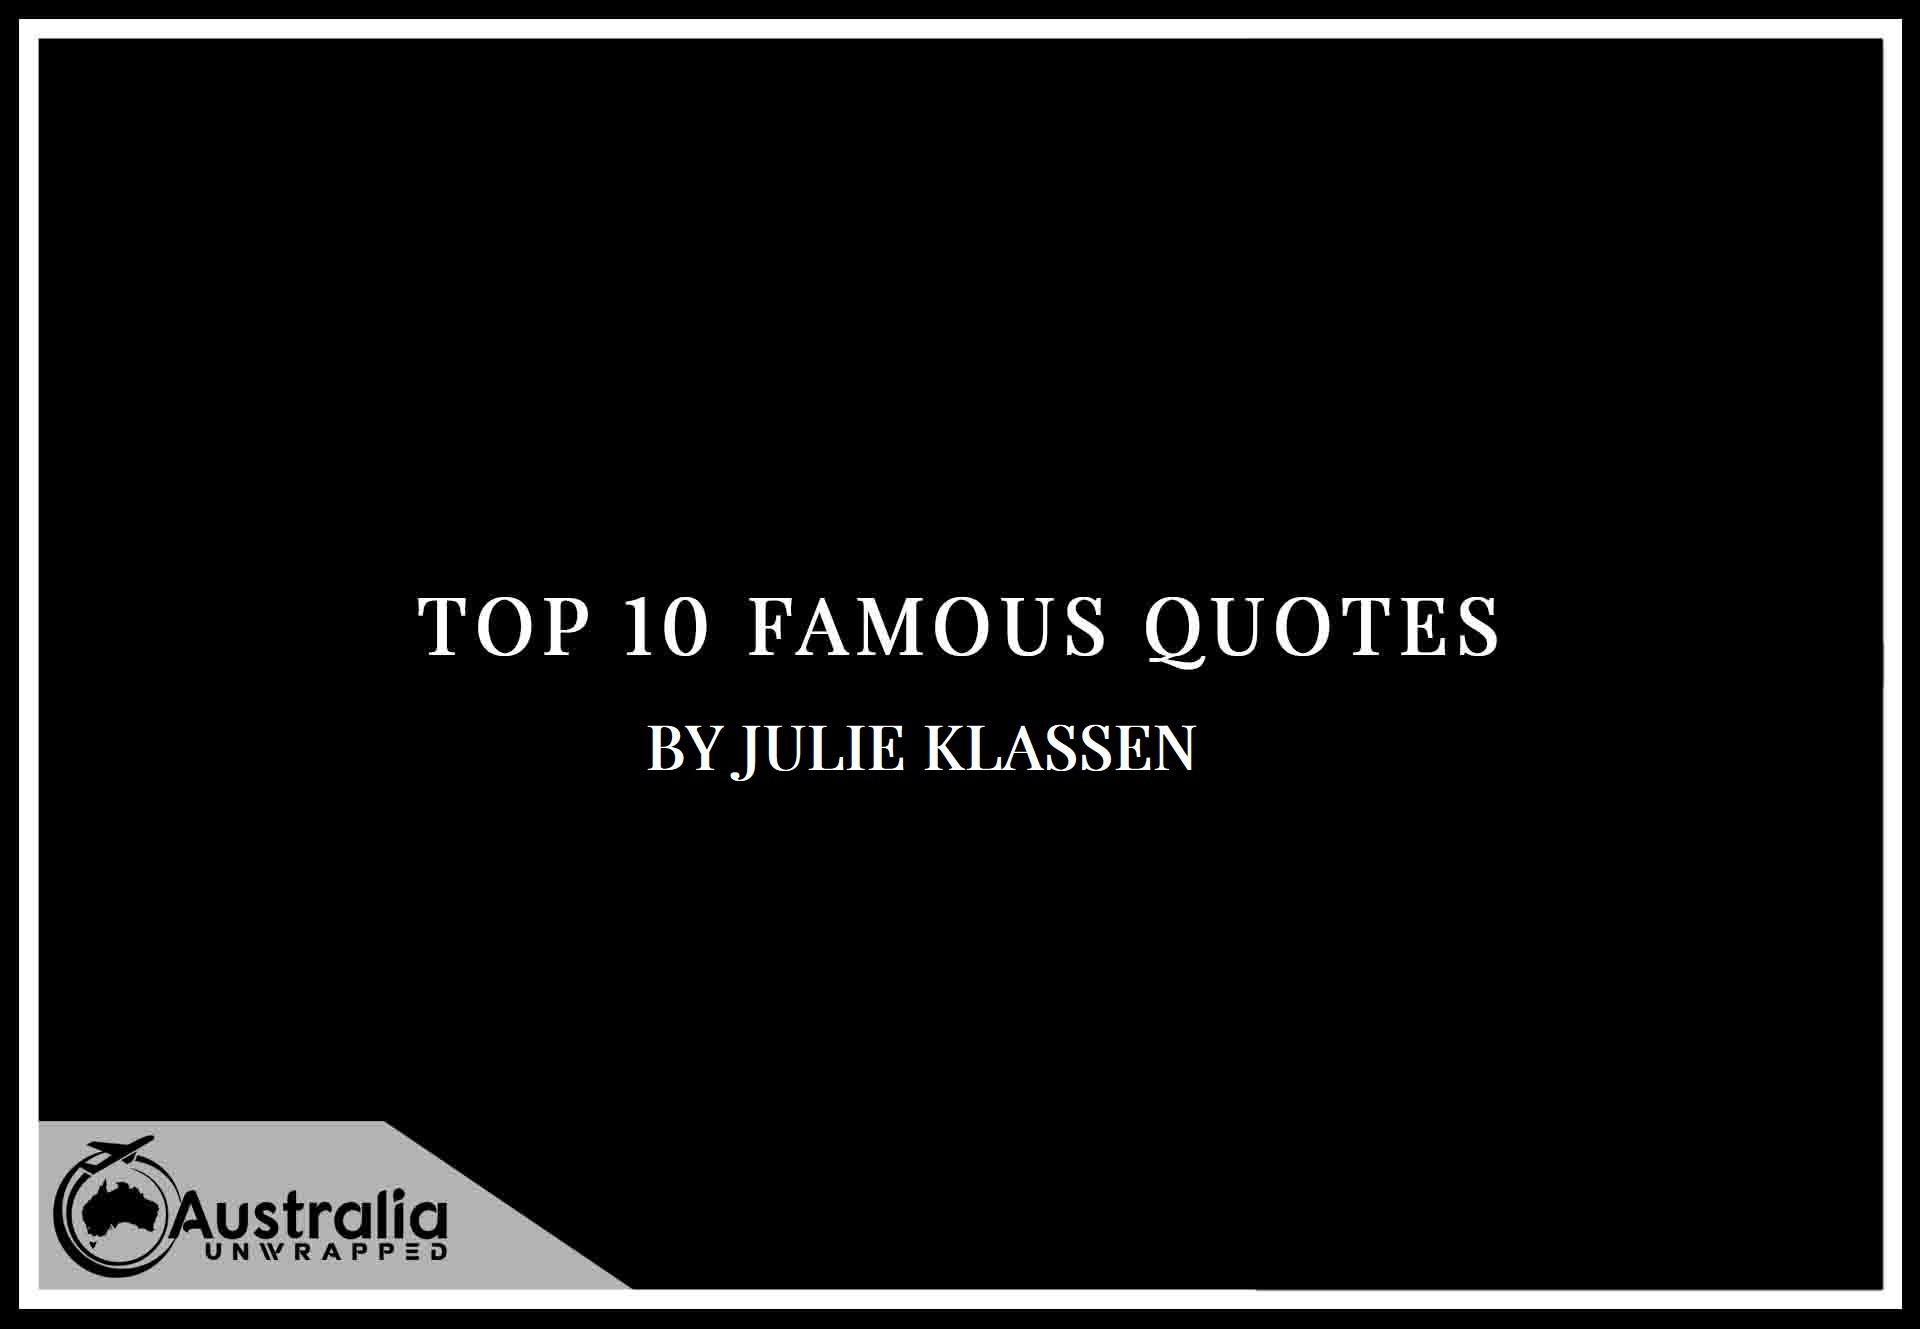 Top 10 Famous Quotes by Author Julie Klassen